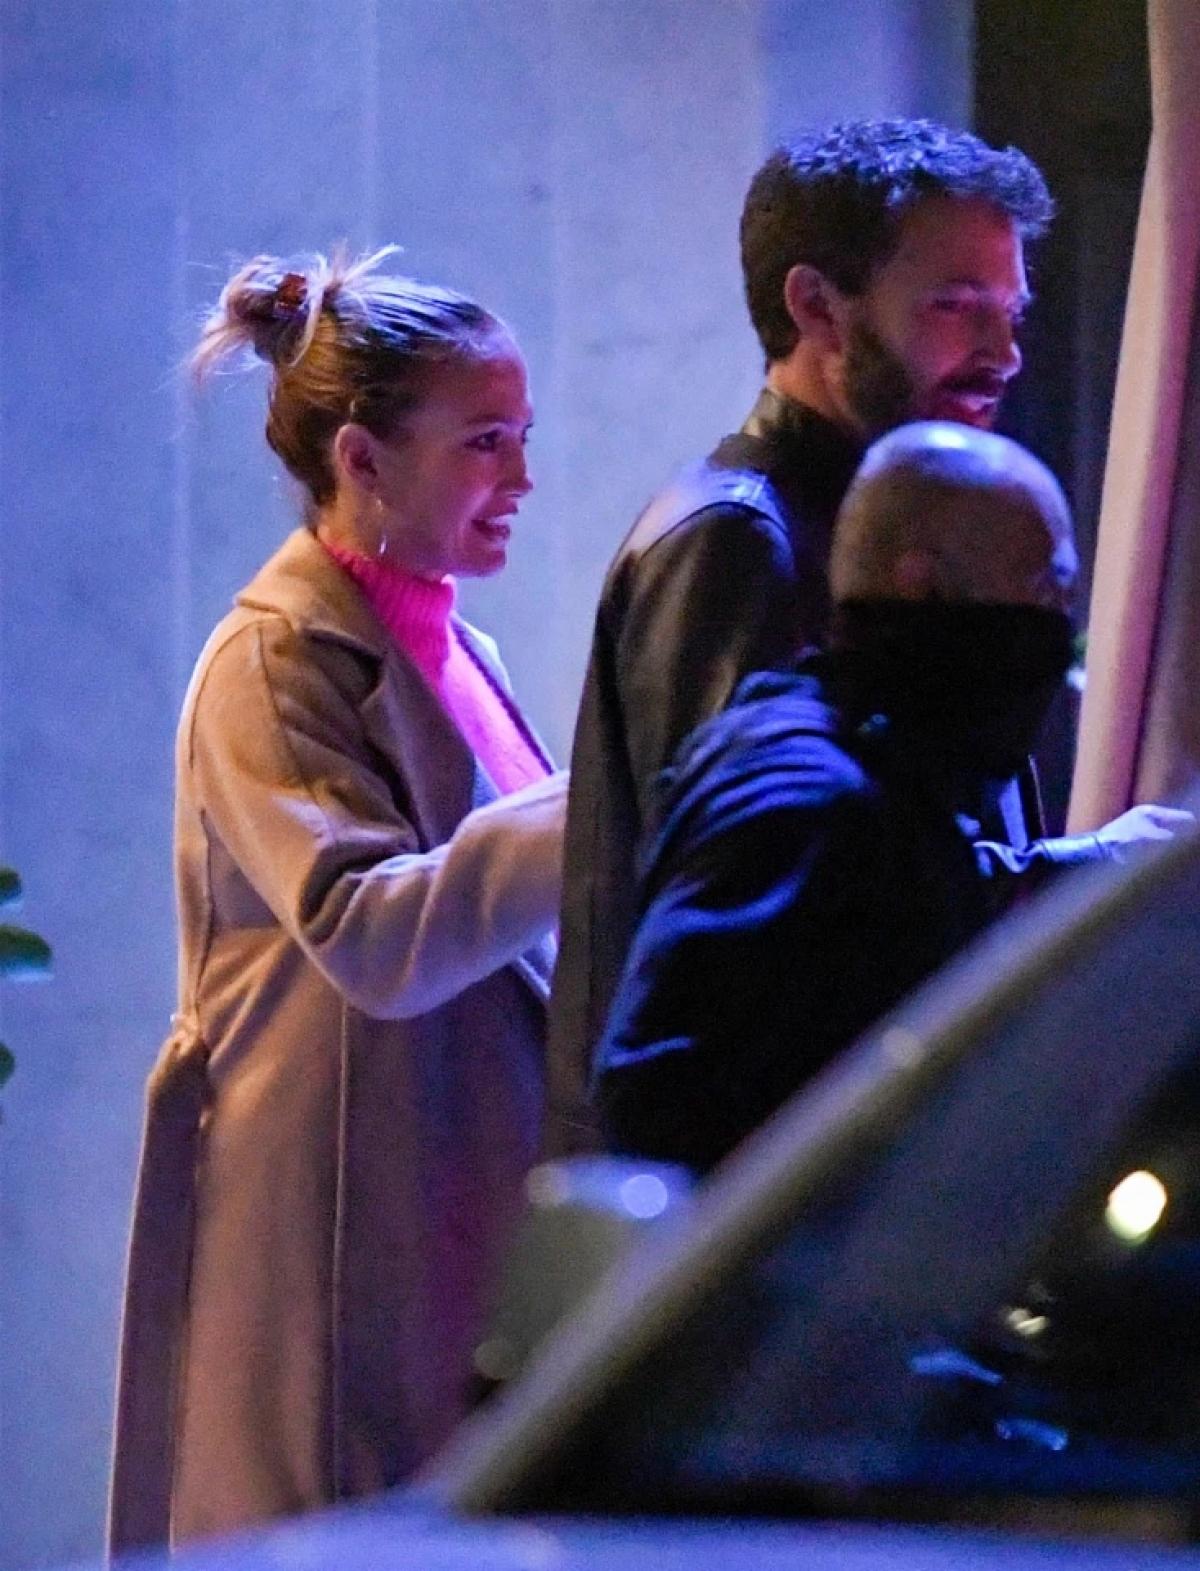 """Jennifer Lopez và Ben Affleck gặp nhau trên phim trường """"Gigli"""", sau đó hẹn hò và đính hôn vào cuối năm 2002. Đến tháng 9/2003, cặp sao tuyên bố hoãn cưới và chính thức đường ai nấy đi vào đầu năm 2004./."""